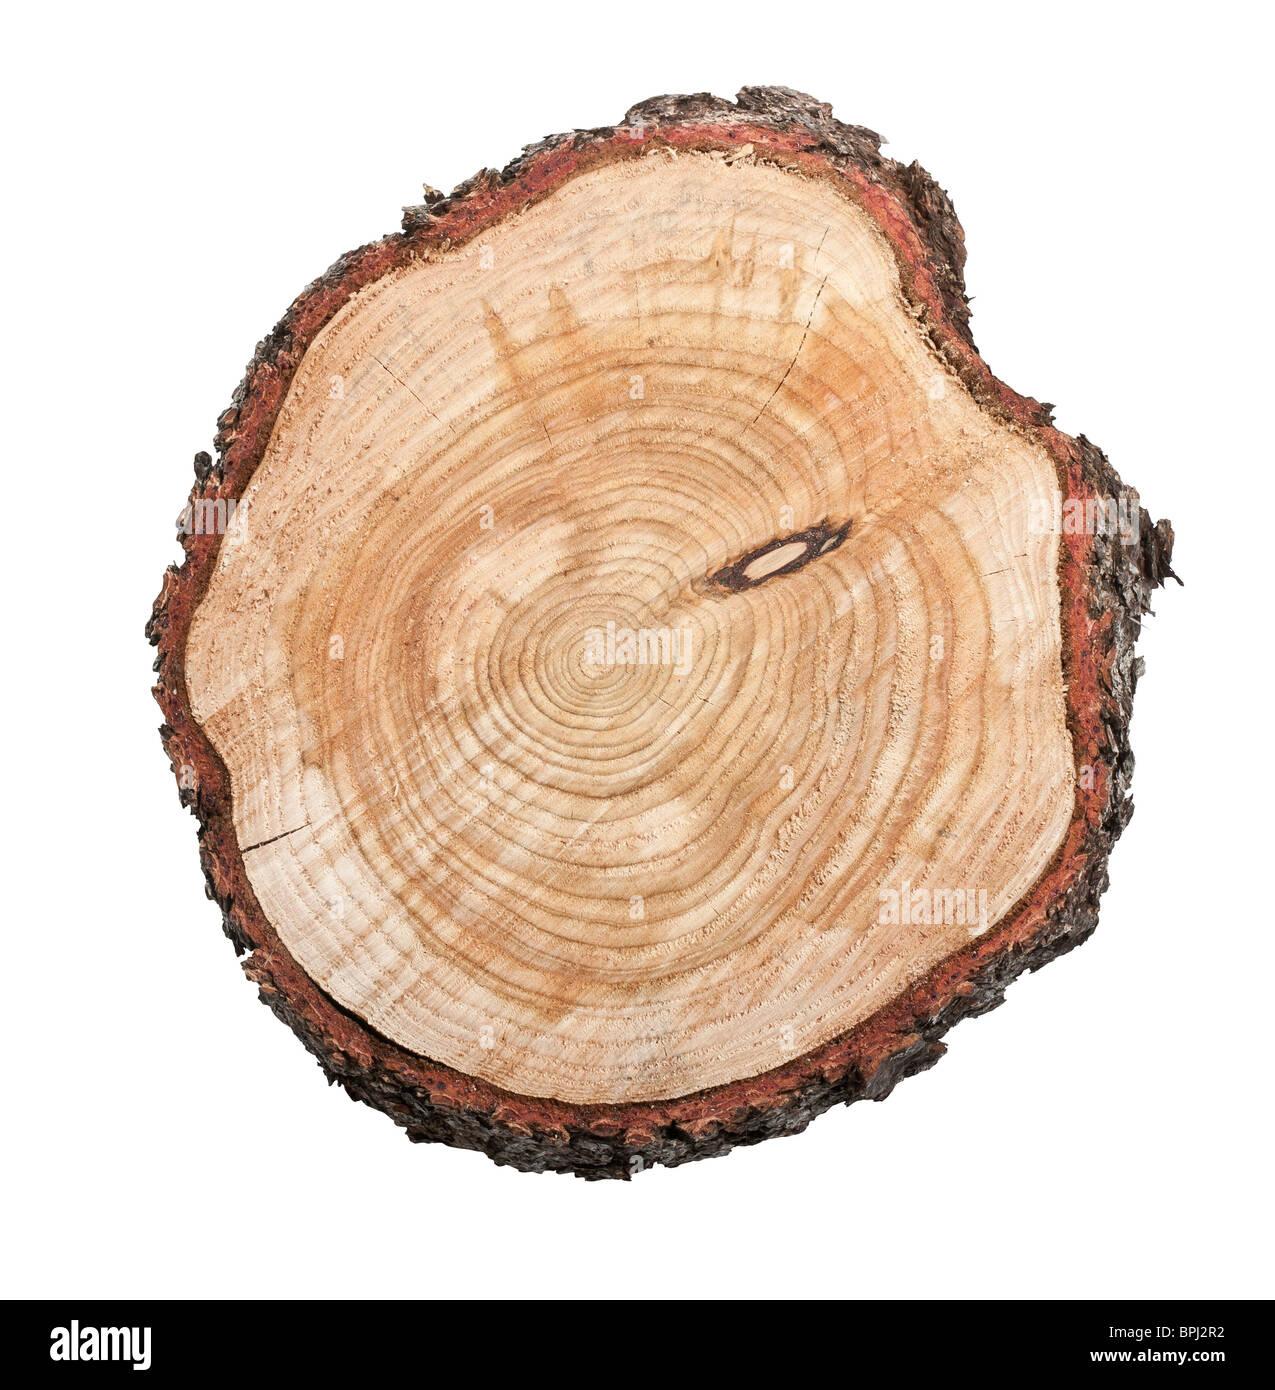 Vue de dessus d'une souche d'arbre isolé sur fond blanc Photo Stock